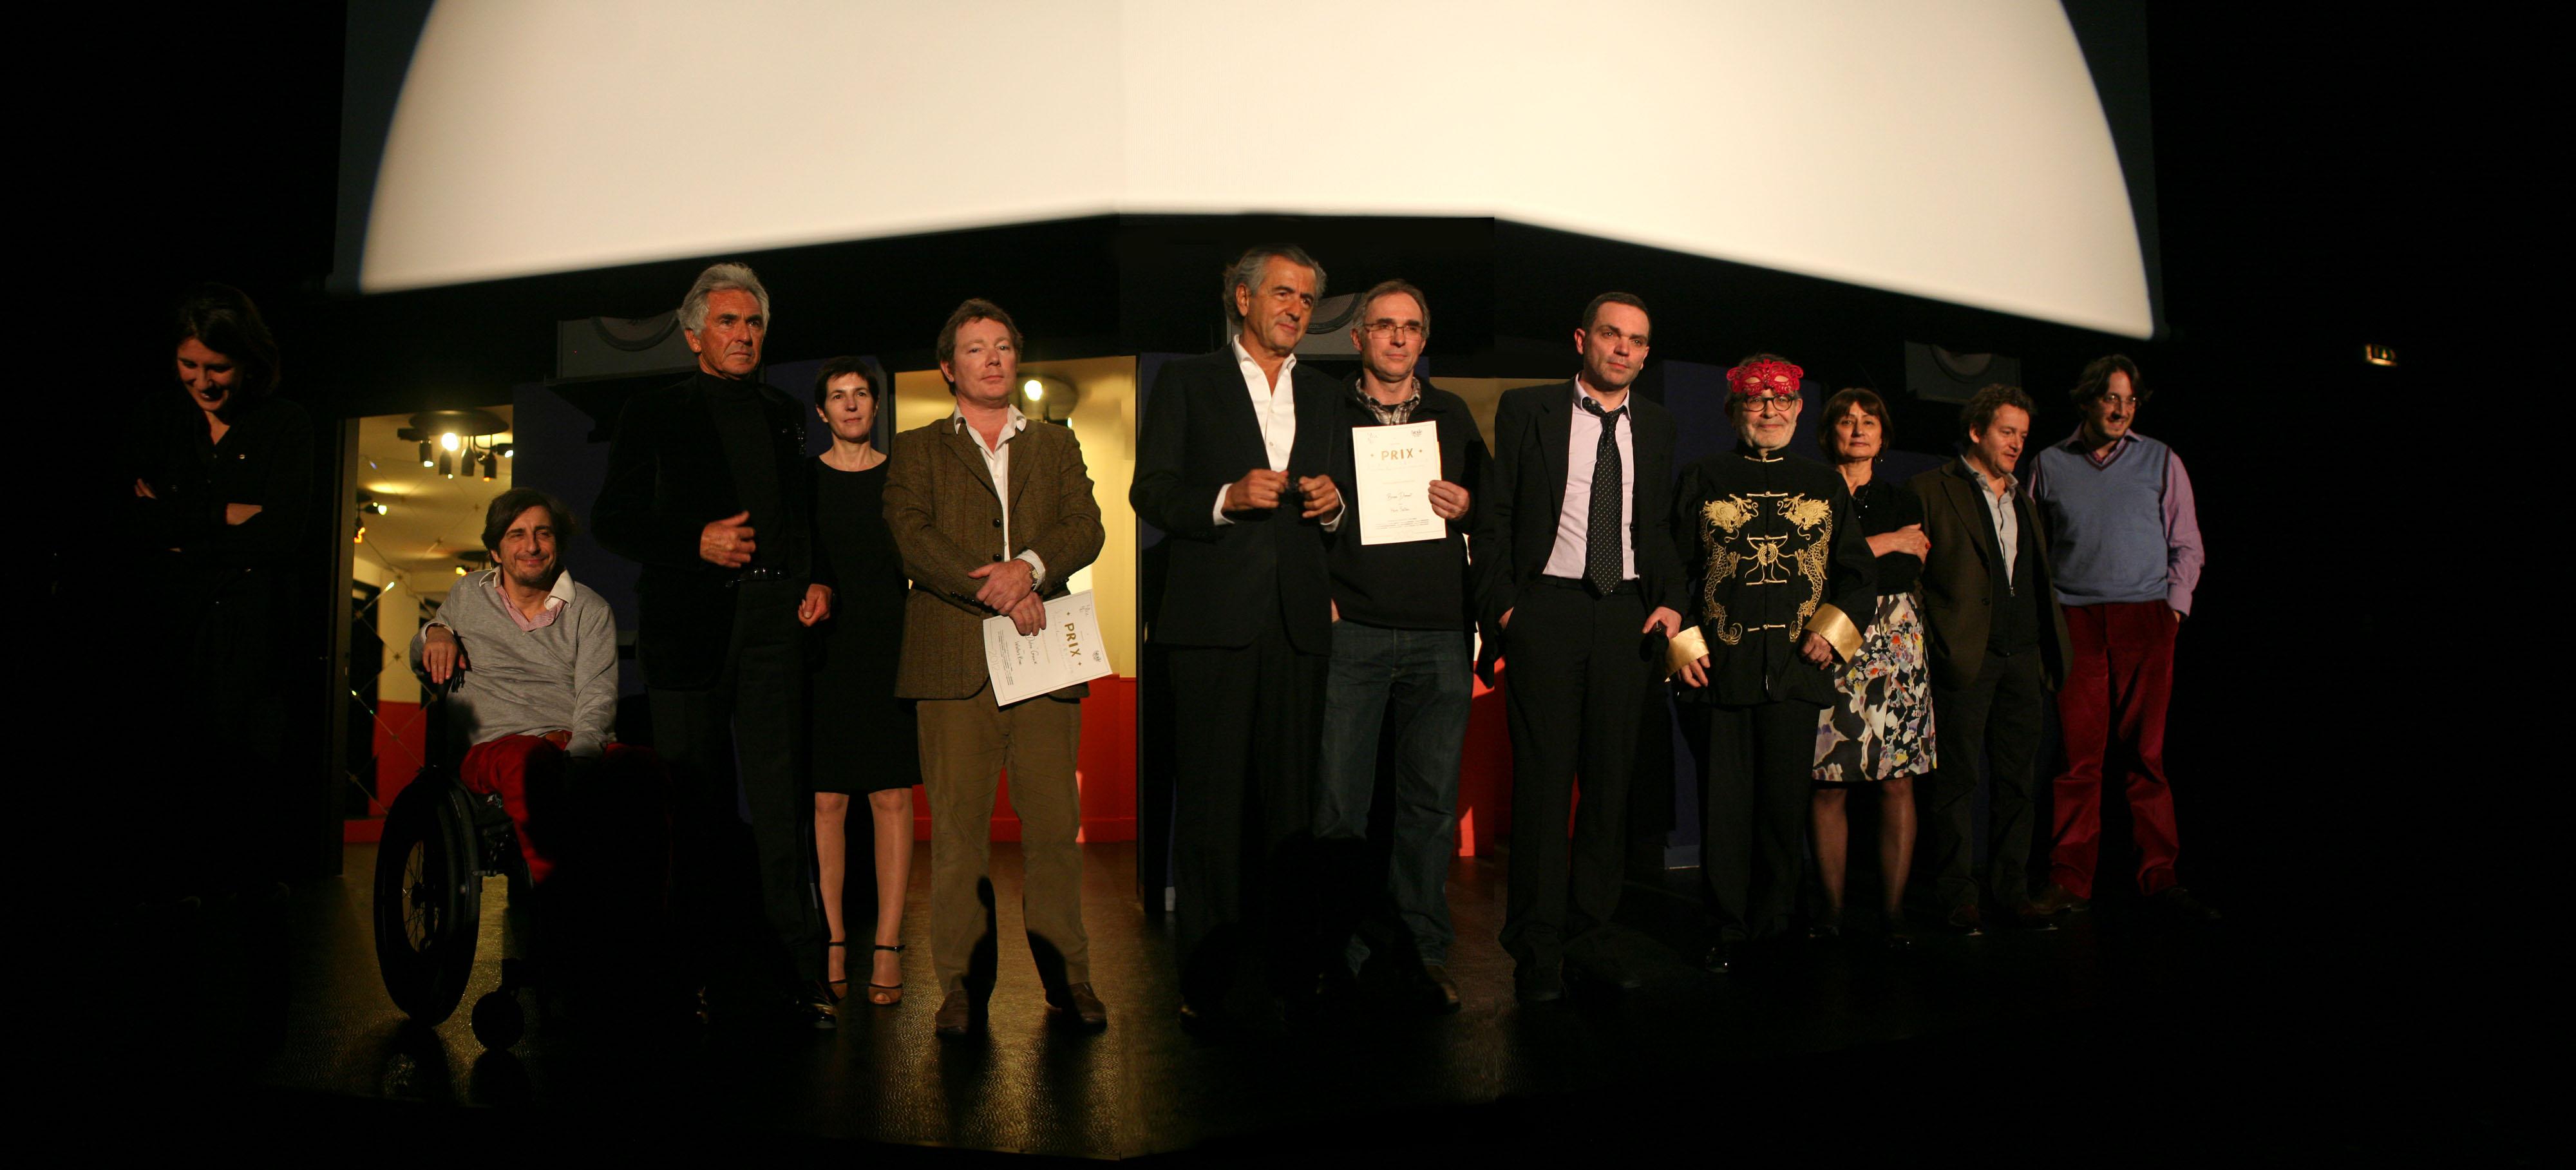 membres-du-jury-du-prix Saint-Germain-et-représentants-des-Laureats